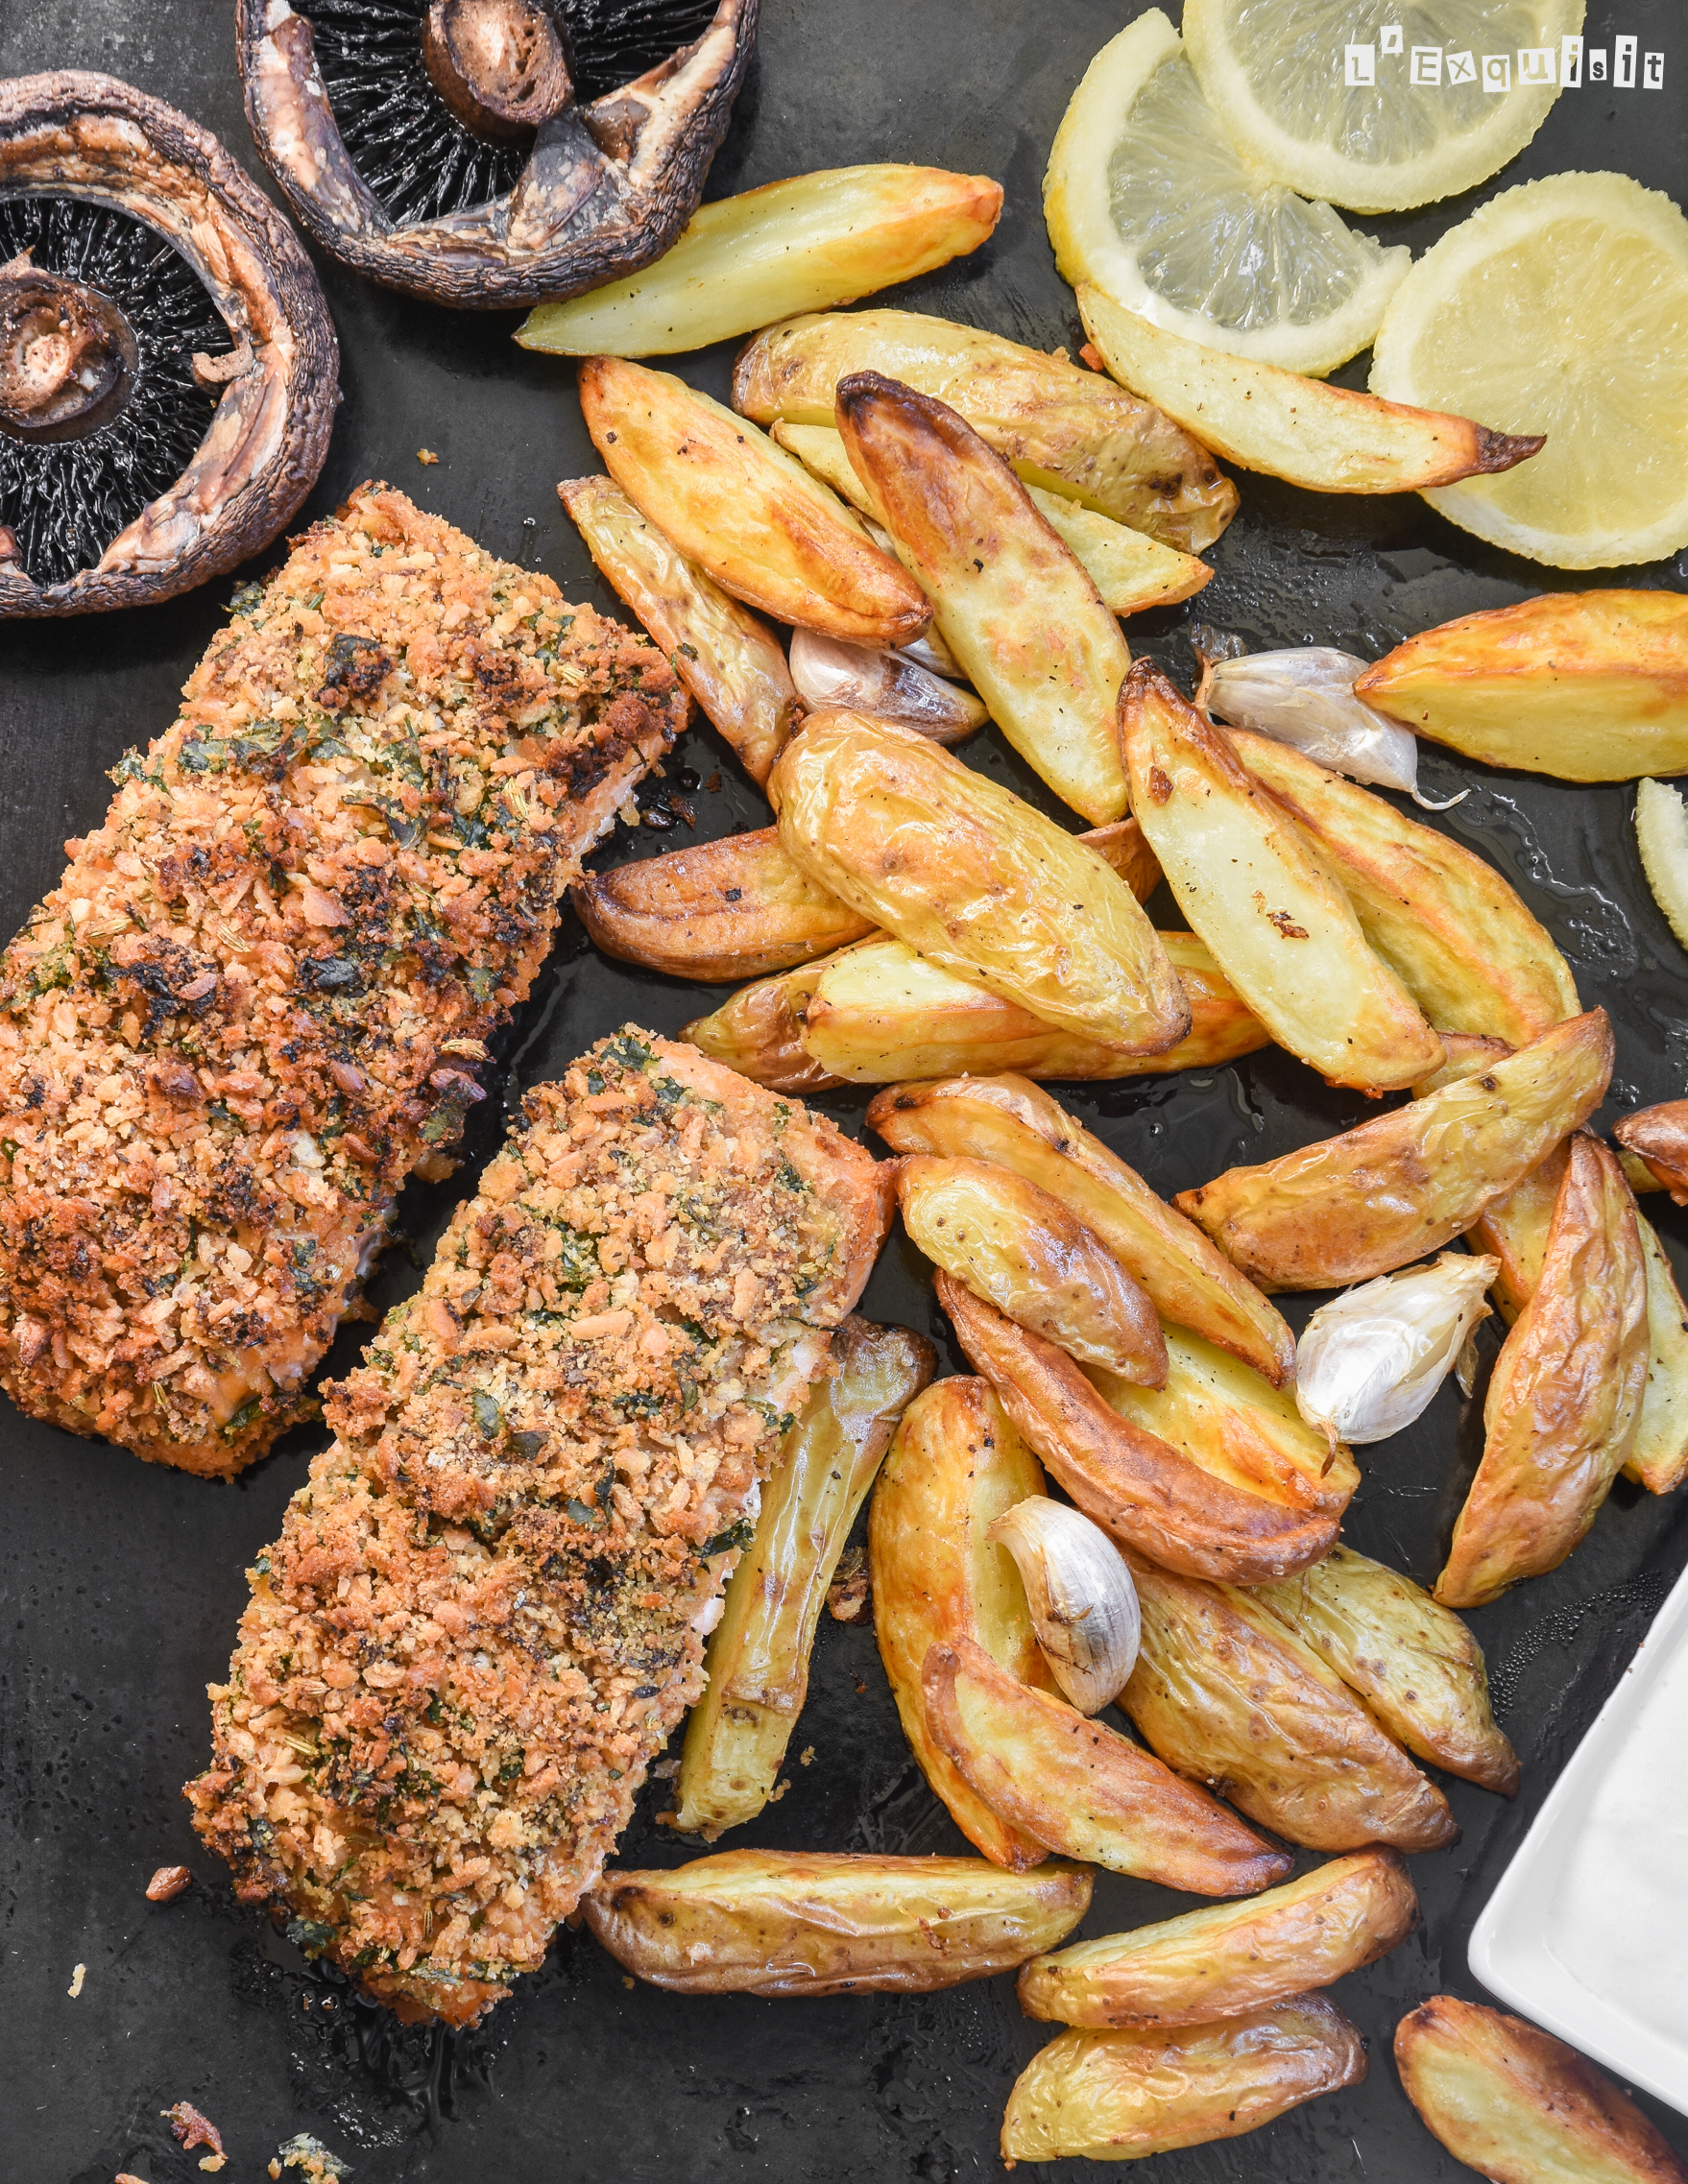 salmon-a-las-hierbas-con-hinojo-y-patatas-2